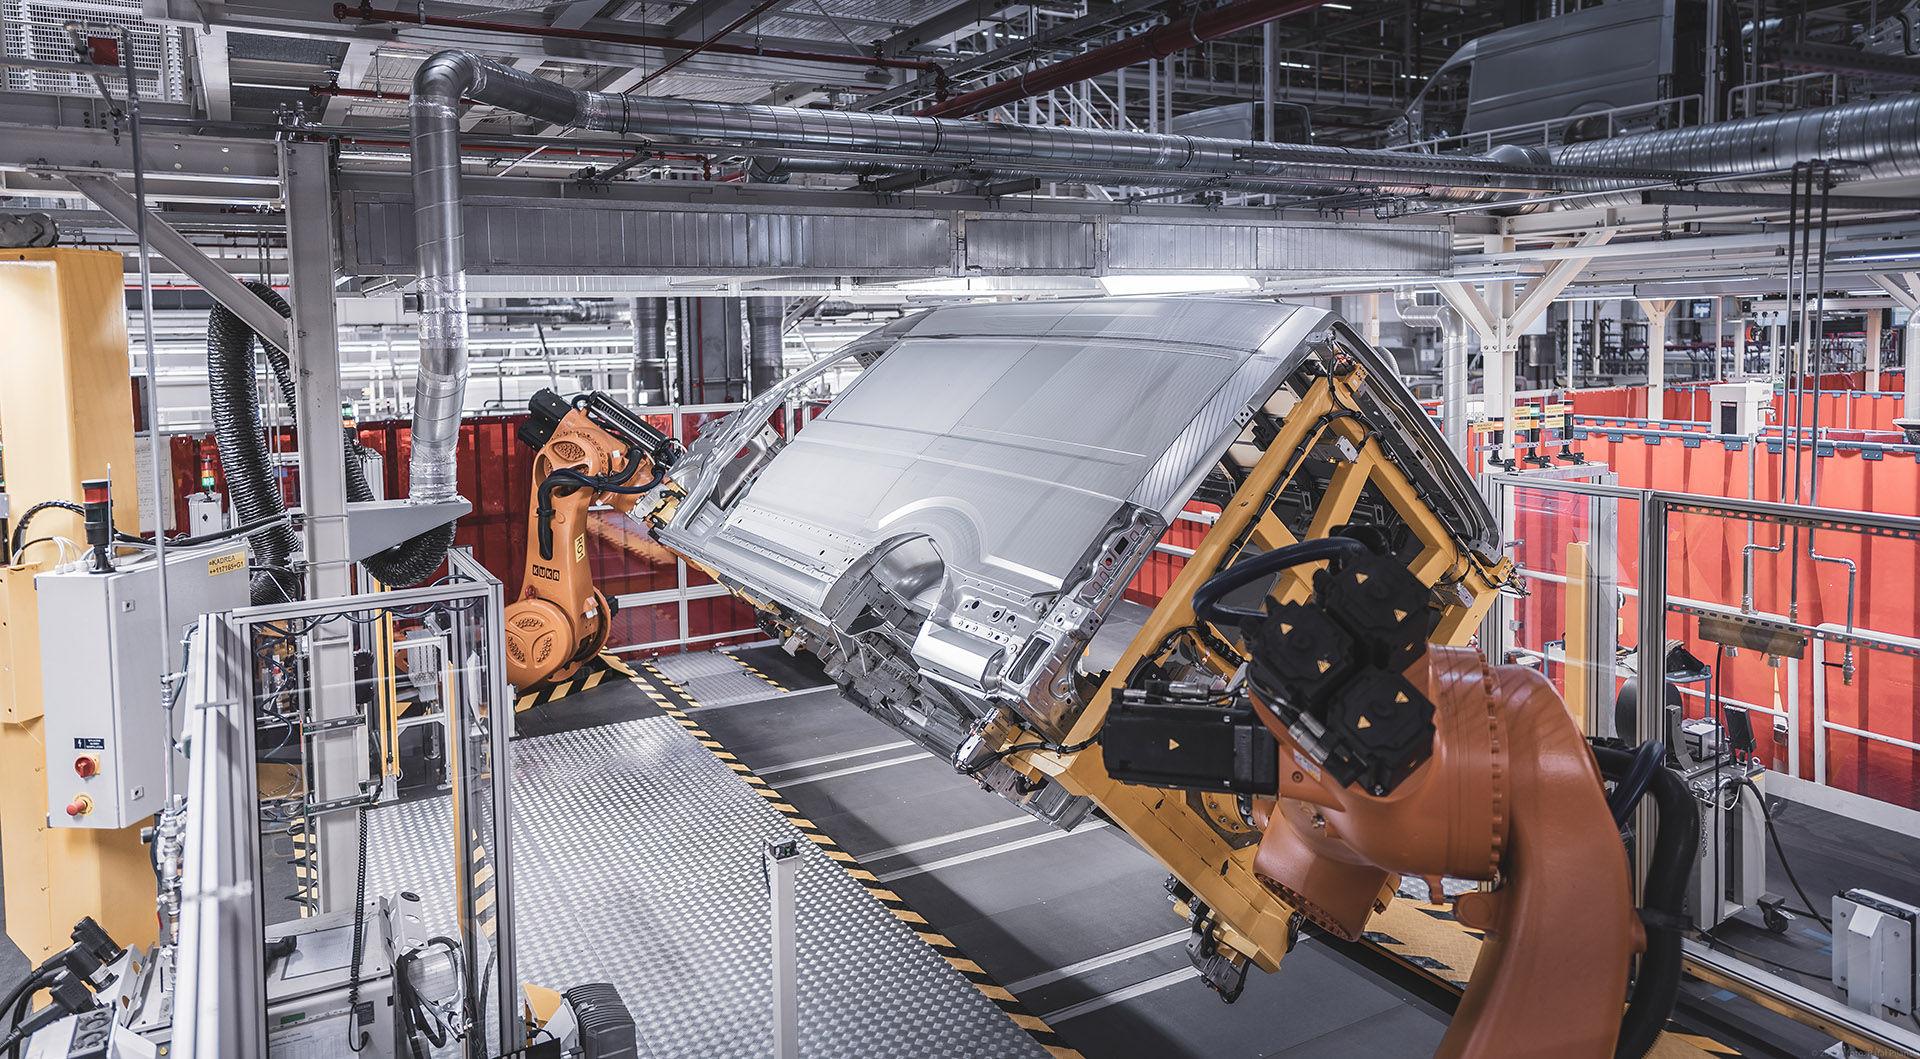 We Wrześni ruszyła seryjna produkcja elektrycznego Volkswagena e-Craftera